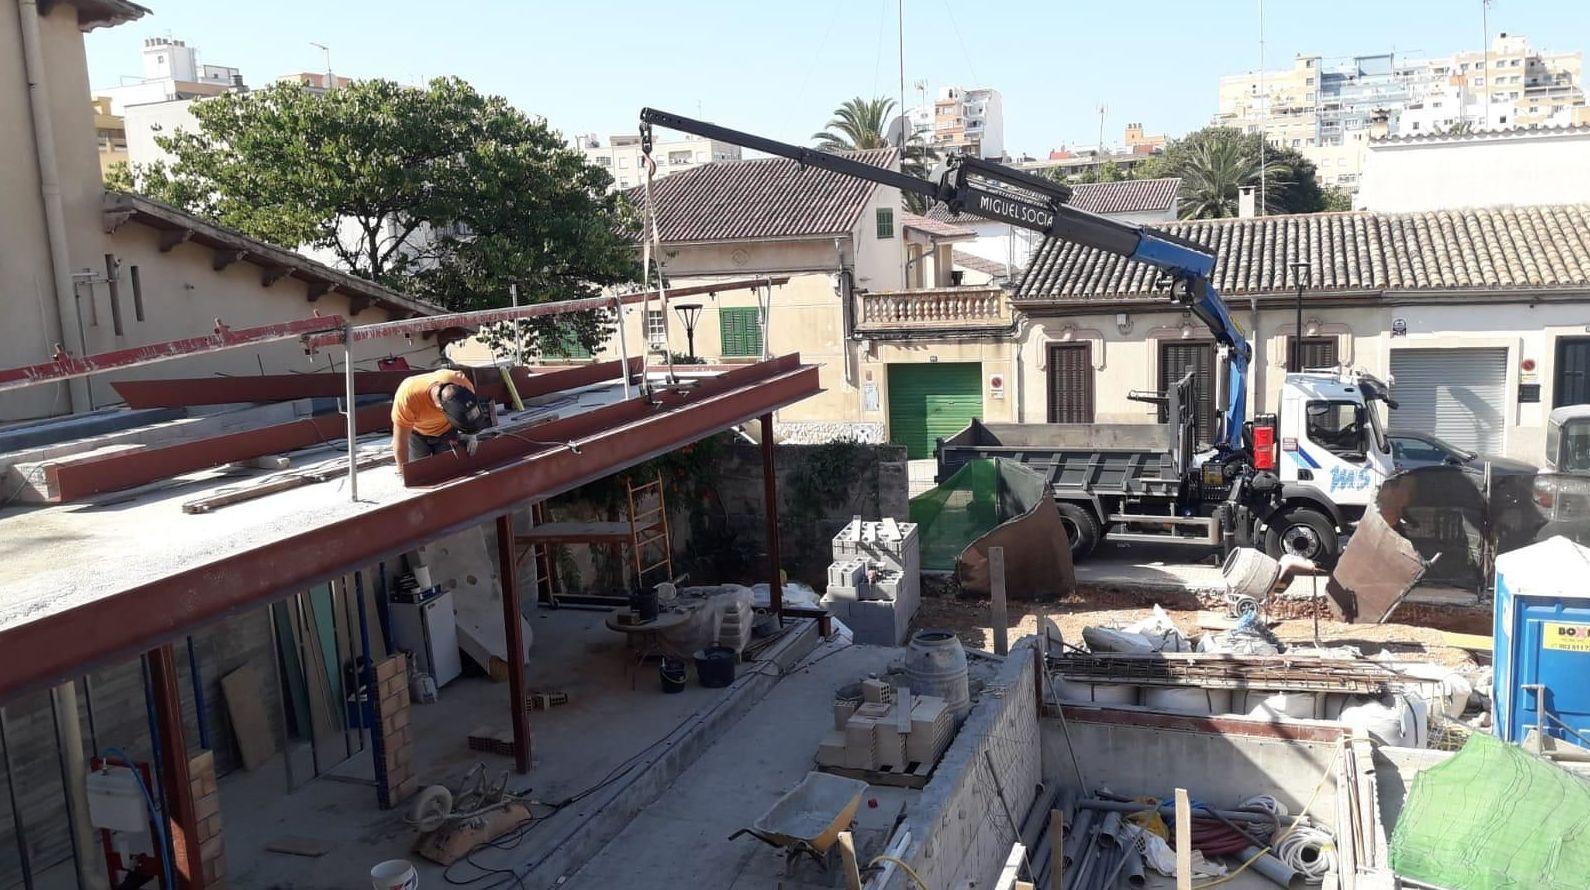 Foto 12 de Transporte y materiales de construcción en Campanet | Transportes Miguel Socias e Hijos